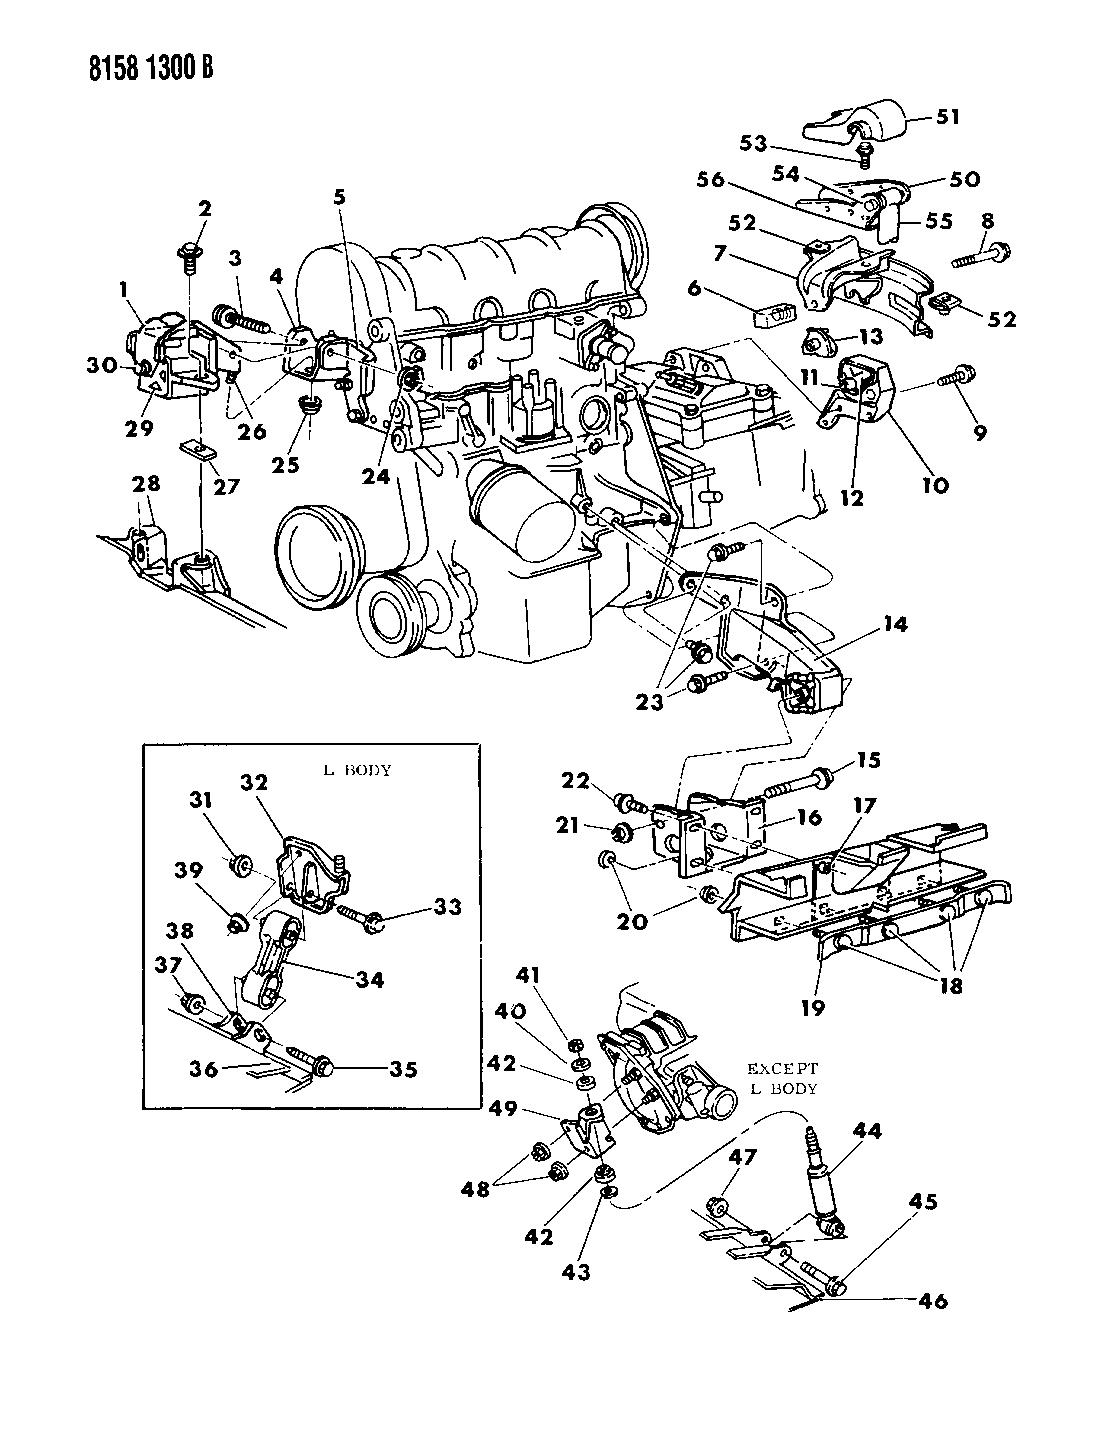 1988 chrysler lebaron premium engine mounting - thumbnail 1